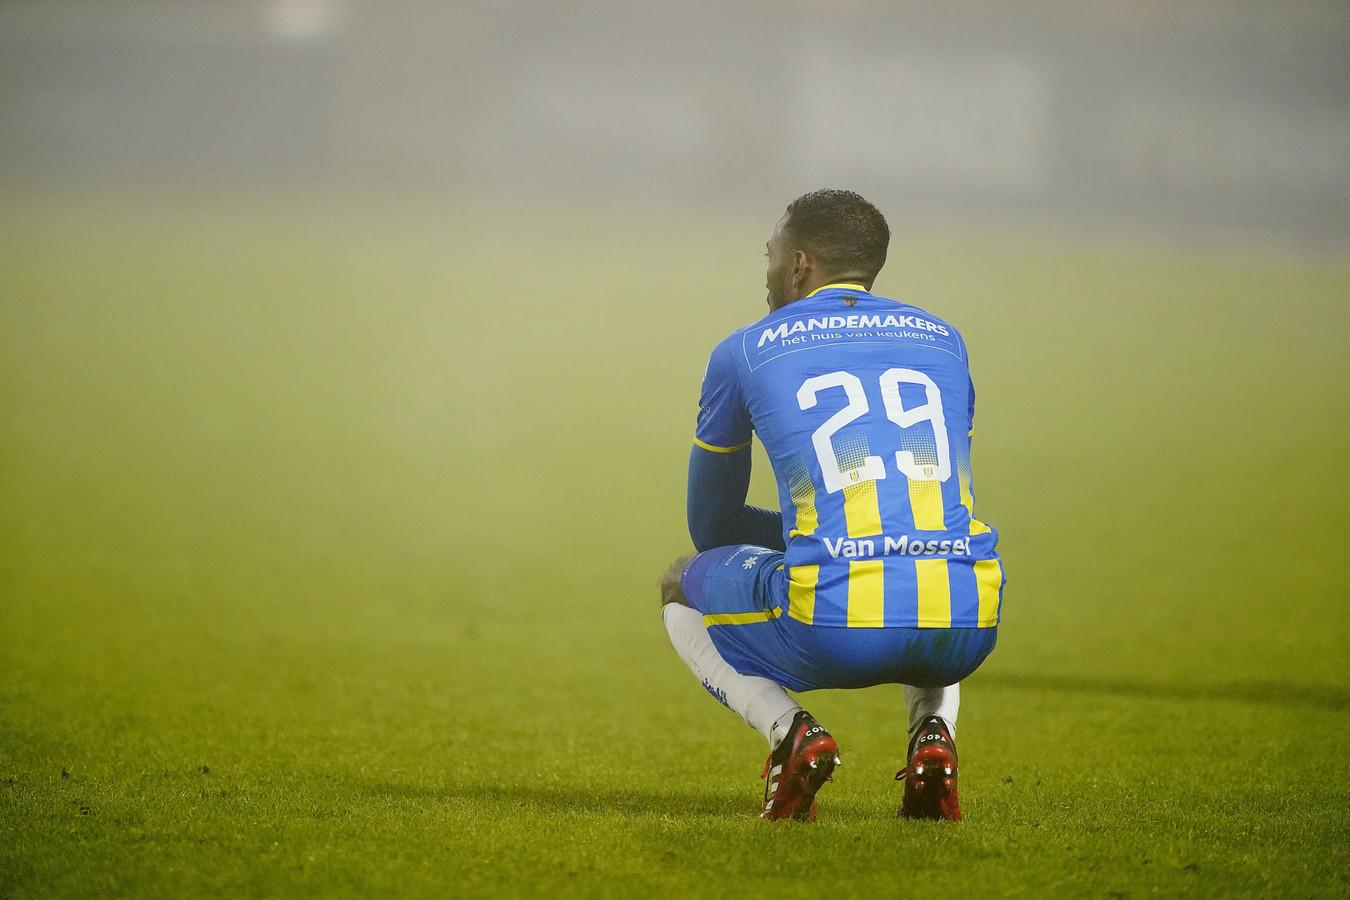 Fabian Sporkslede baalt van de nederlaag van RKC tegen concurrent VVV-Venlo.